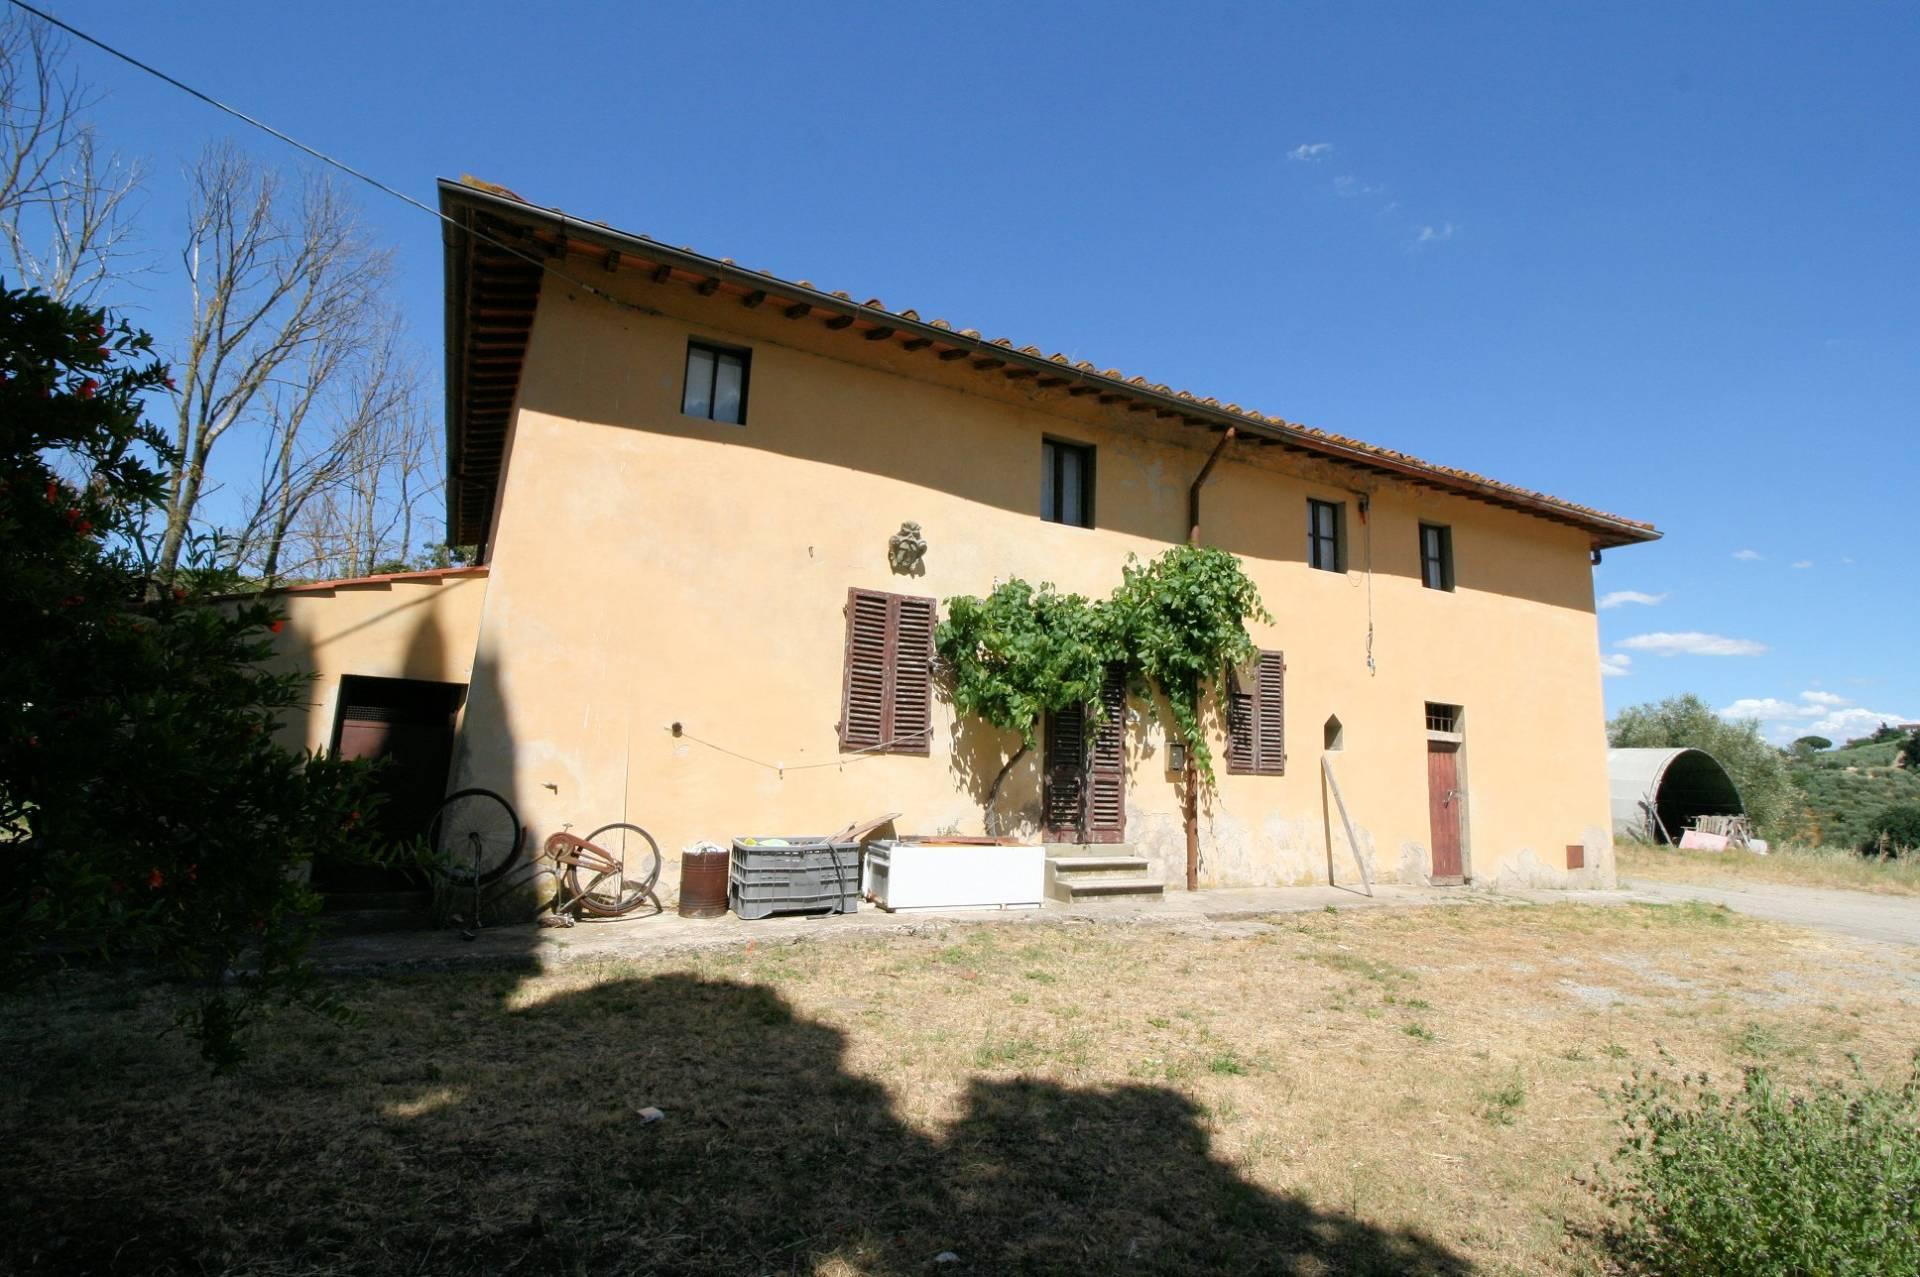 1269-Casa indipendente da ristrutturare con ampio uliveto-Quarrata-2 Agenzia Immobiliare ASIP